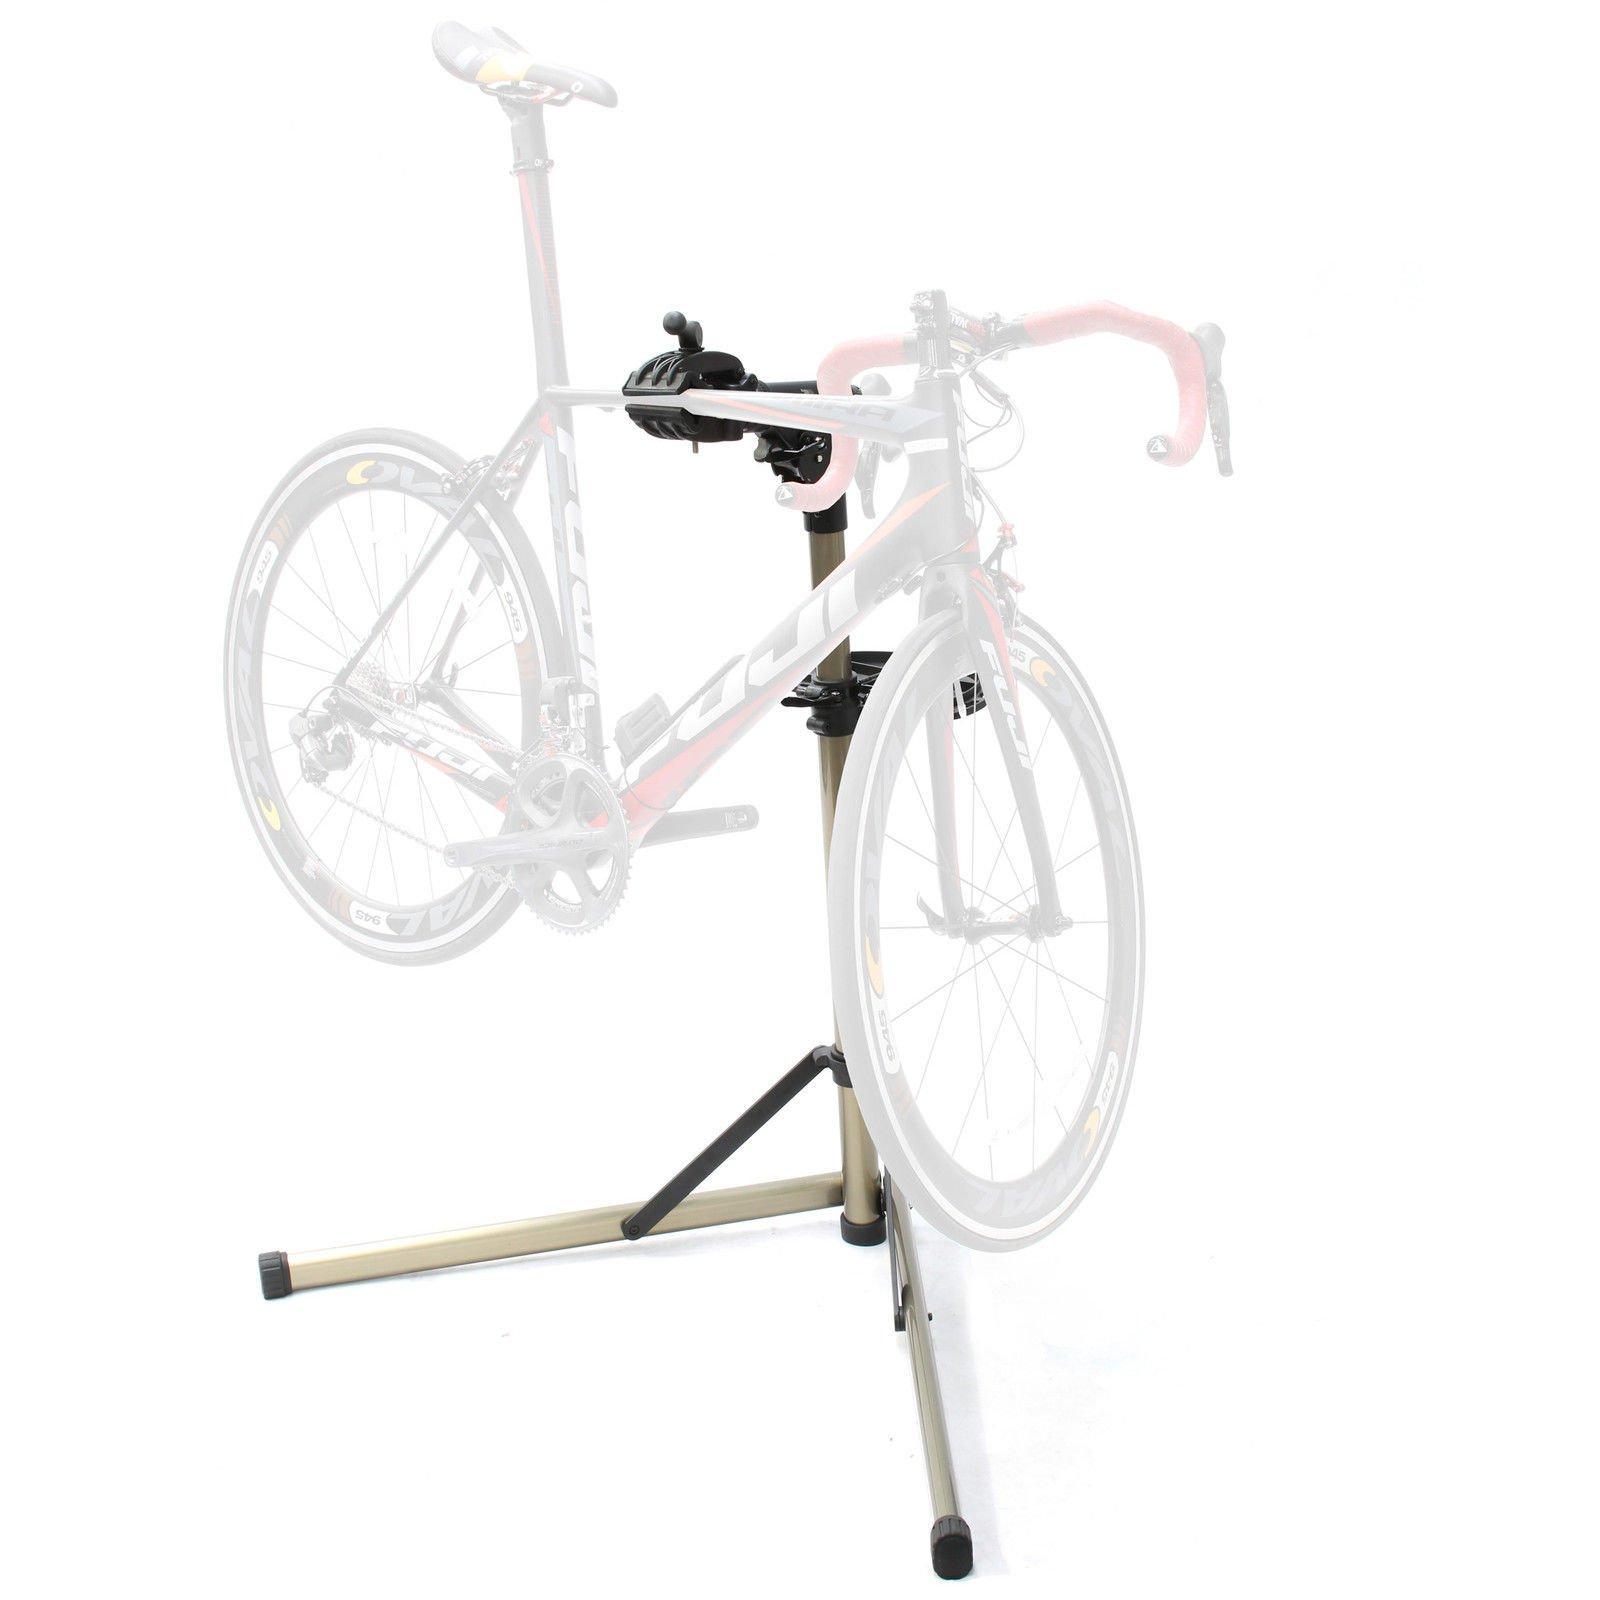 Bikehand Pro Mechanic Bicycle/Bike Repair Rack Stand by Bikehand (Image #2)